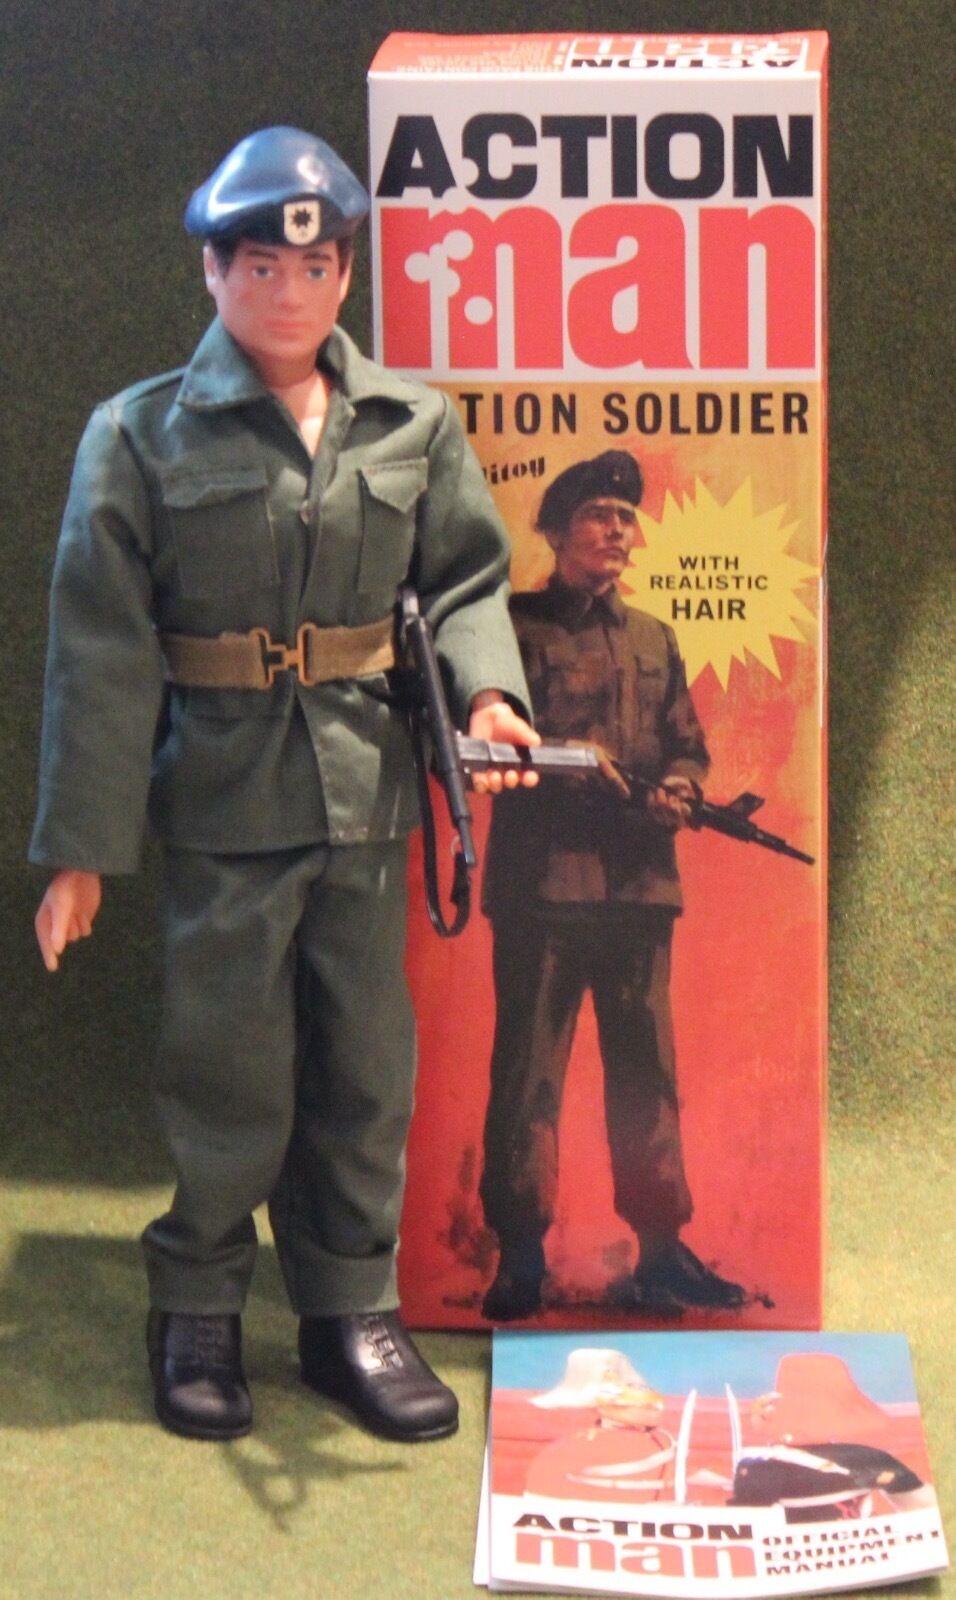 precios al por mayor Vintage Acción Man 40th aniversario Flocado Cabello soldado soldado soldado duro Manos En Caja  Ahorre 60% de descuento y envío rápido a todo el mundo.